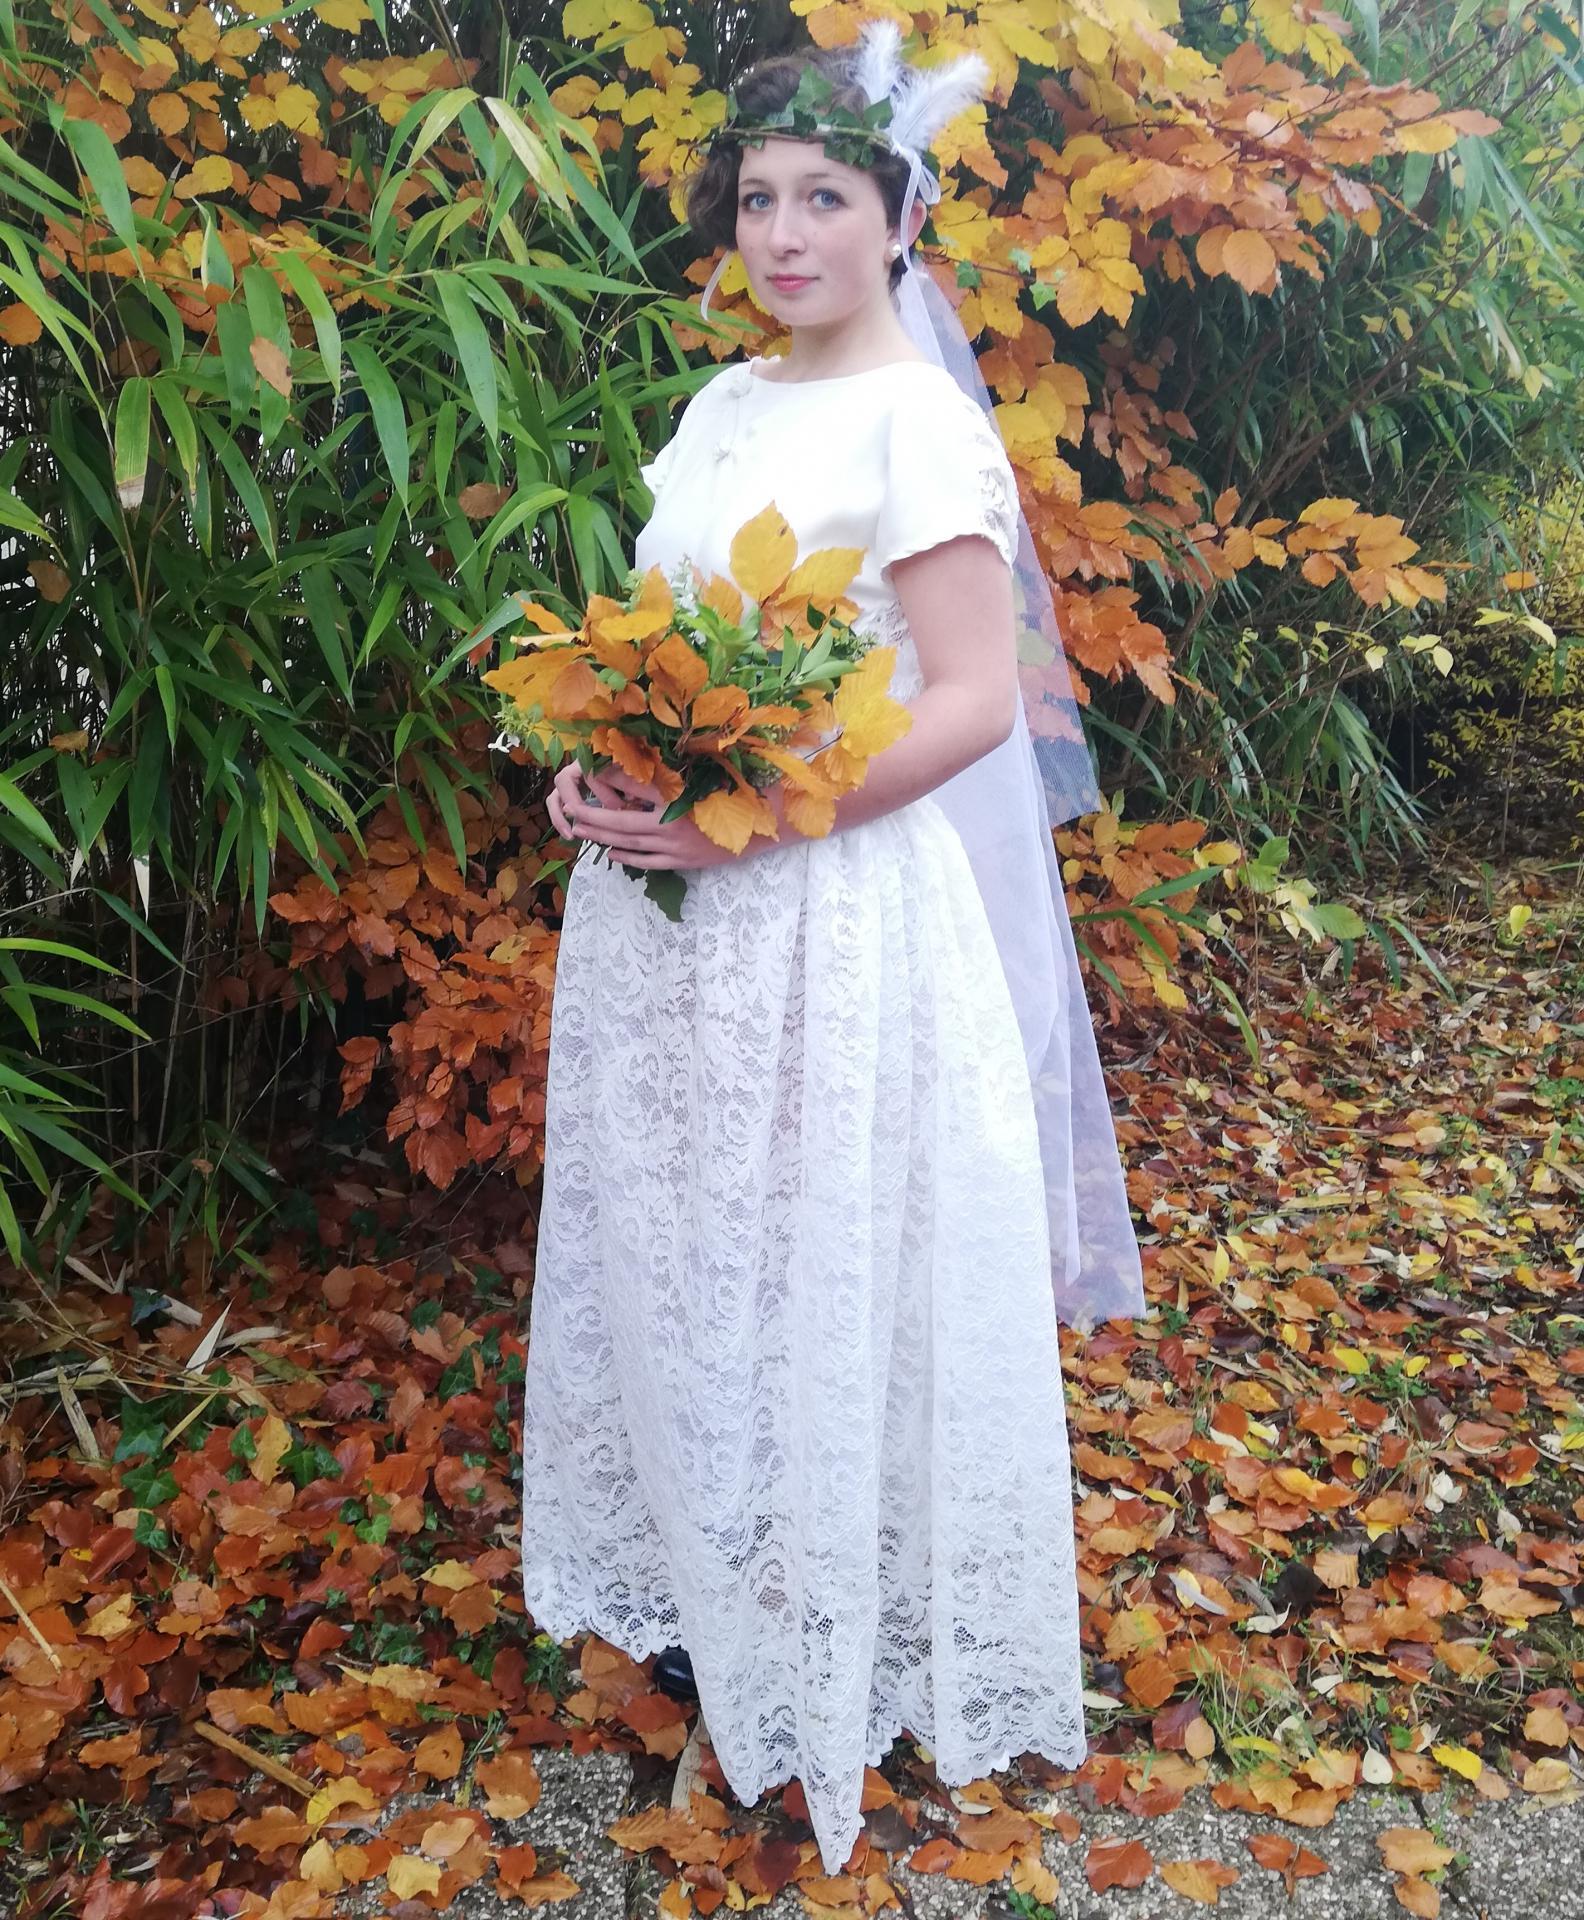 Robe de mariee reversible dentelle tulle et viscose rose faconnee a la main avec un coeur de nacre couronne fleurs et plumes fifi au jardin pose 11